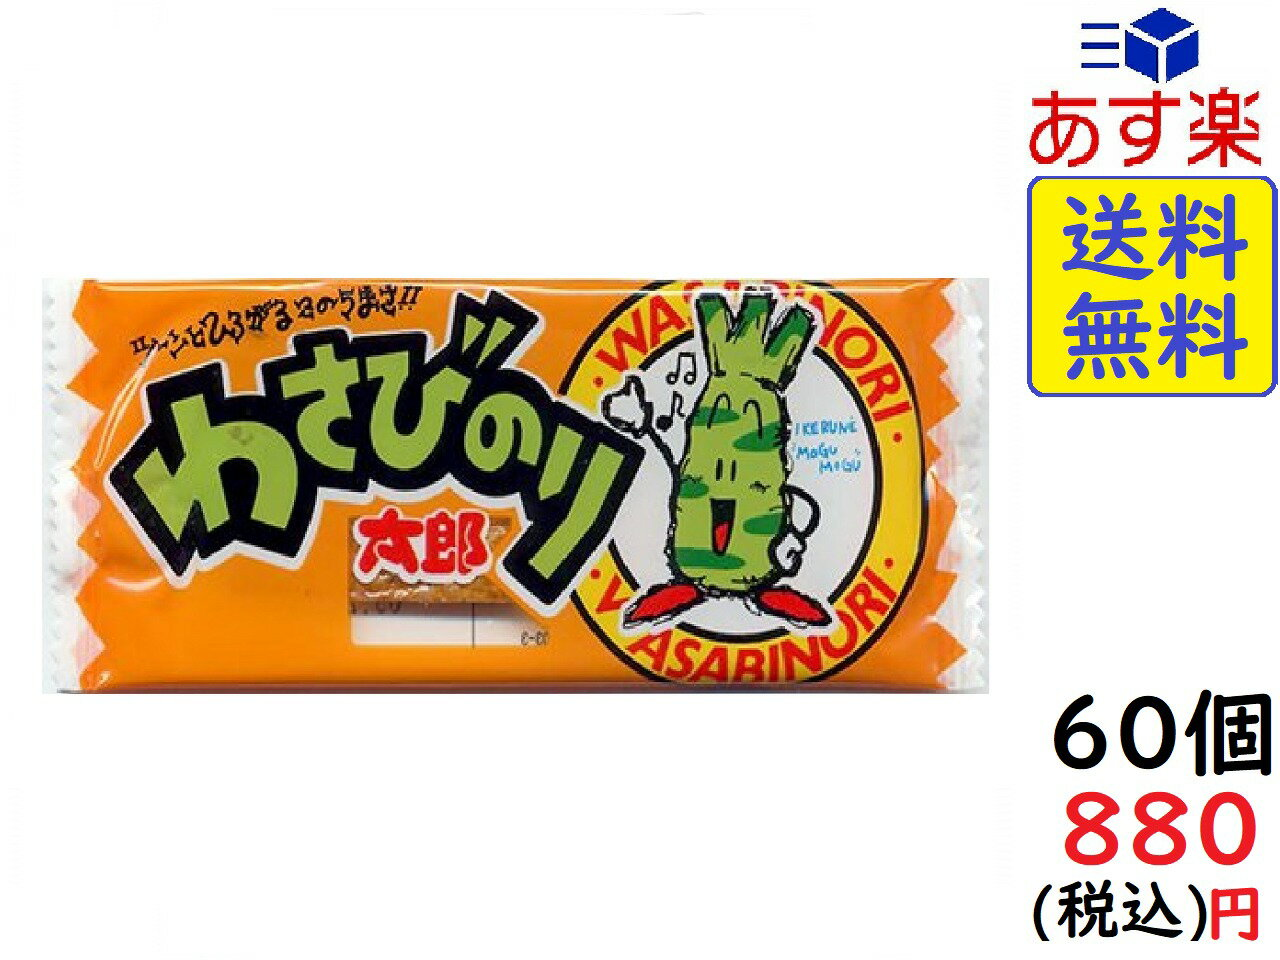 菓道 わさびのり太郎 ×60袋 賞味期限残り2ヶ月以上。